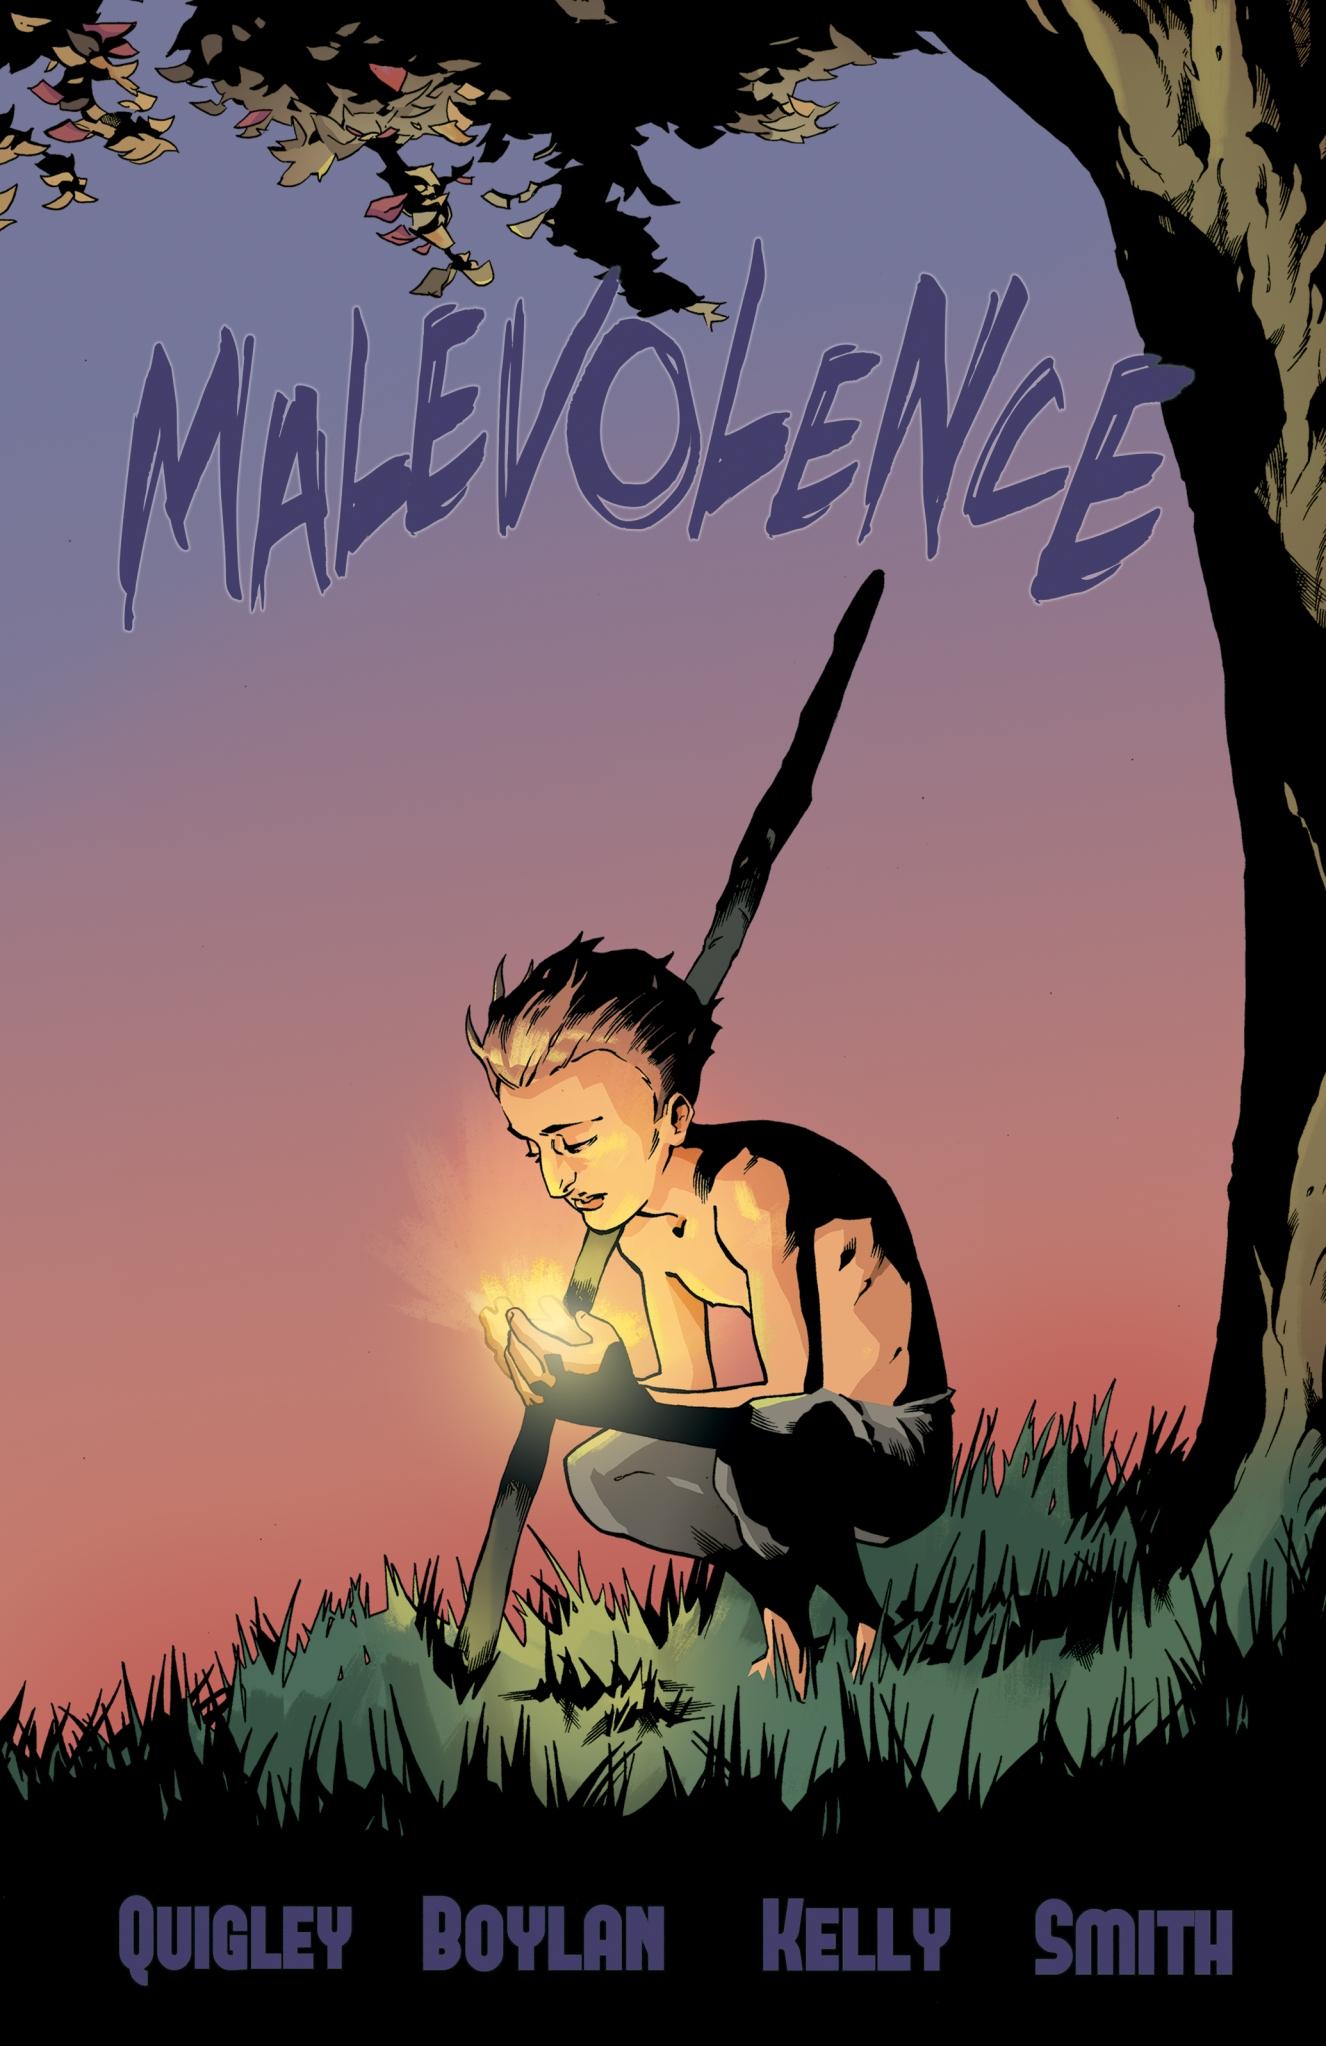 malevolence_cover_col_rgb